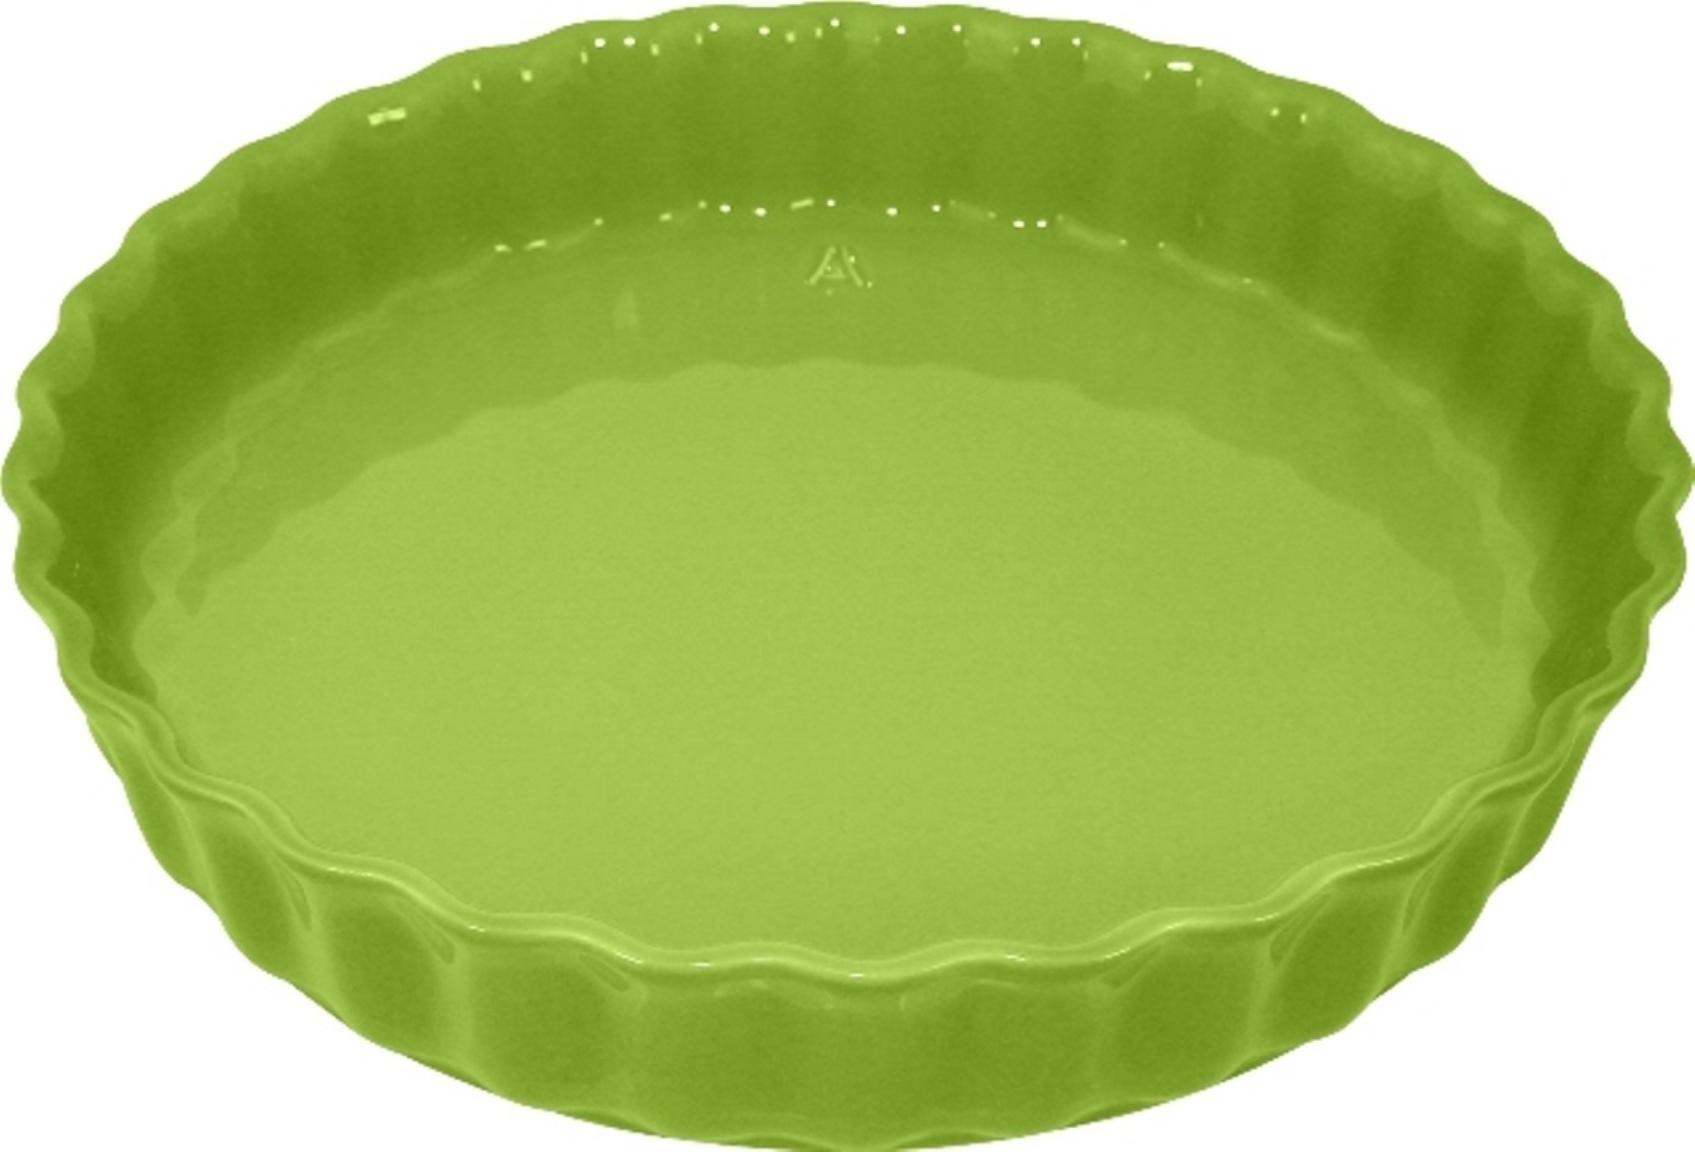 Форма для пирога 28 см Appolia Delices LIME 11028027Формы для запекания (выпечки)<br>Форма для пирога 28 см Appolia Delices LIME 11028027<br><br>Благодаря большому разнообразию изящных форм и широкой цветовой гамме, коллекция DELICES предлагает всевозможные варианты приготовления блюд для себя и гостей. Выбирайте цвета в соответствии с вашими желаниями и вашей кухне. Закругленные углы облегчают чистку. Легко использовать. Большие удобные ручки. Прочная жароустойчивая керамика экологична и изготавливается из высококачественной глины. Прочная глазурь устойчива к растрескиванию и сколам, не содержит свинца и кадмия. Глина обеспечивает медленный и равномерный нагрев, деликатное приготовление с сохранением всех питательных веществ и витаминов, а та же долго сохраняет тепло, что удобно при сервировке горячих блюд.<br>